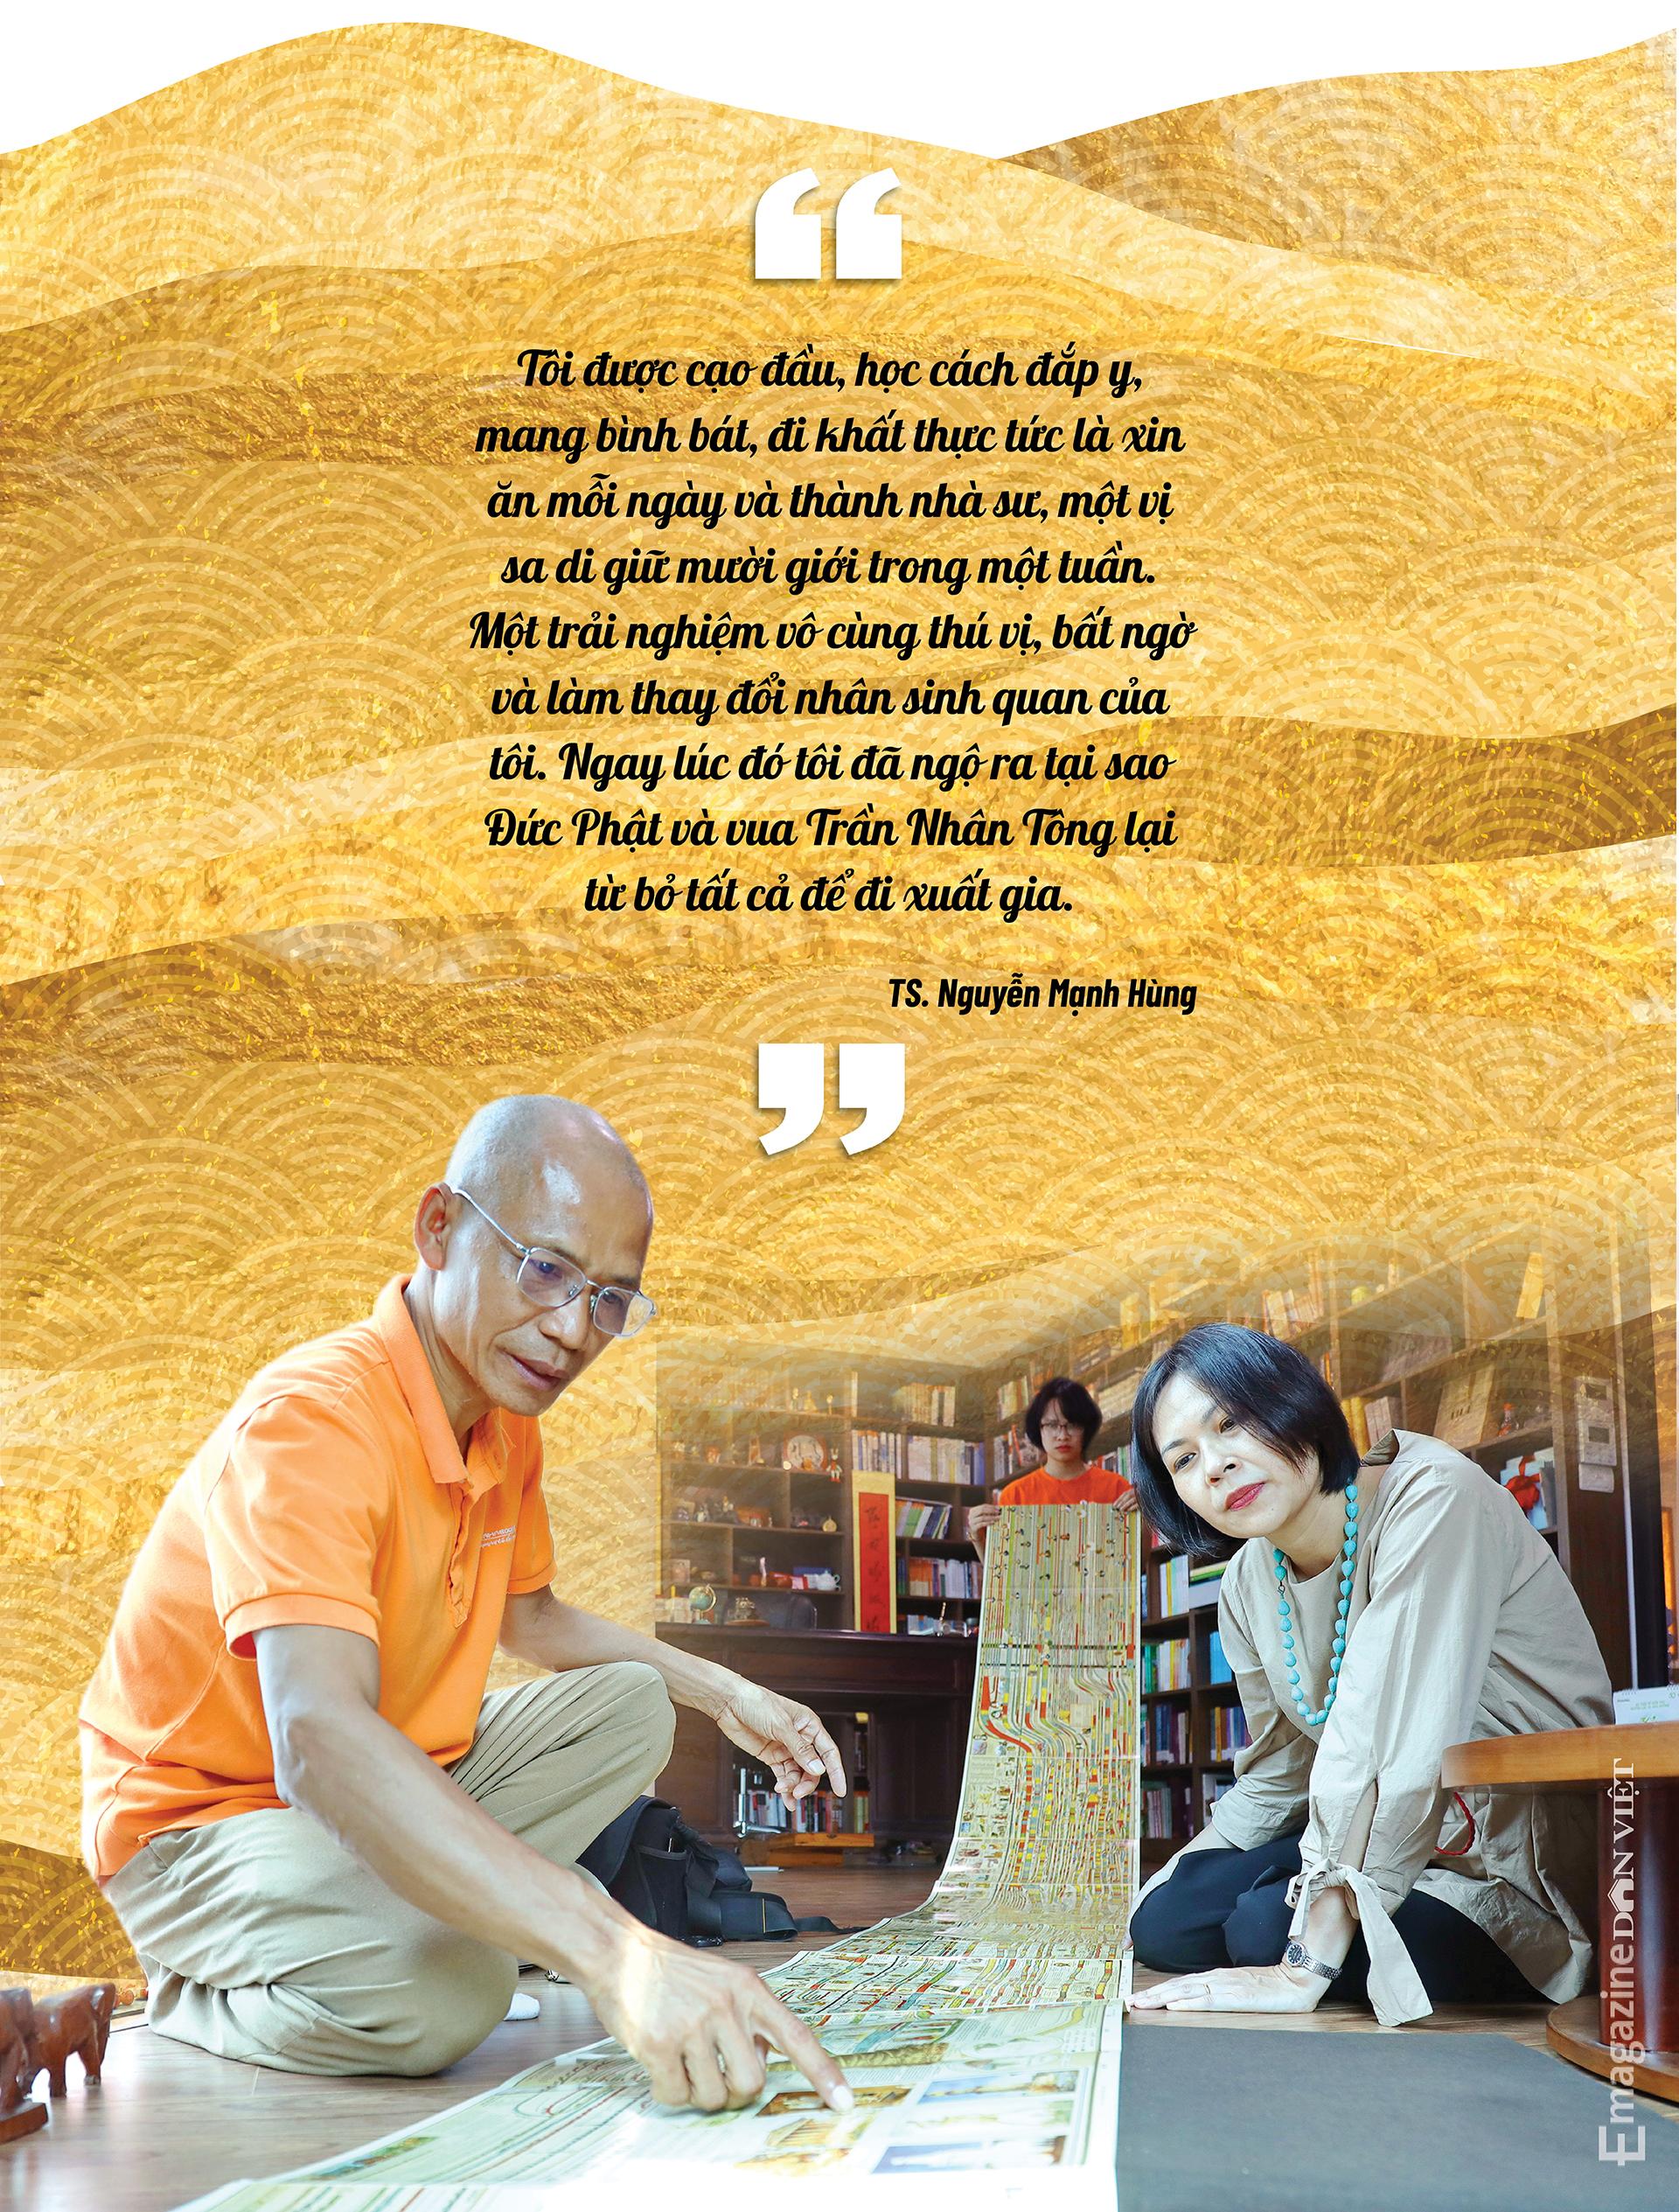 """Đại gia đi tu Nguyễn Mạnh Hùng: """"Nhiều người giàu có, nổi tiếng, thành đạt luôn bất an, tôi trải qua nên biết điều đó"""" - Ảnh 12."""